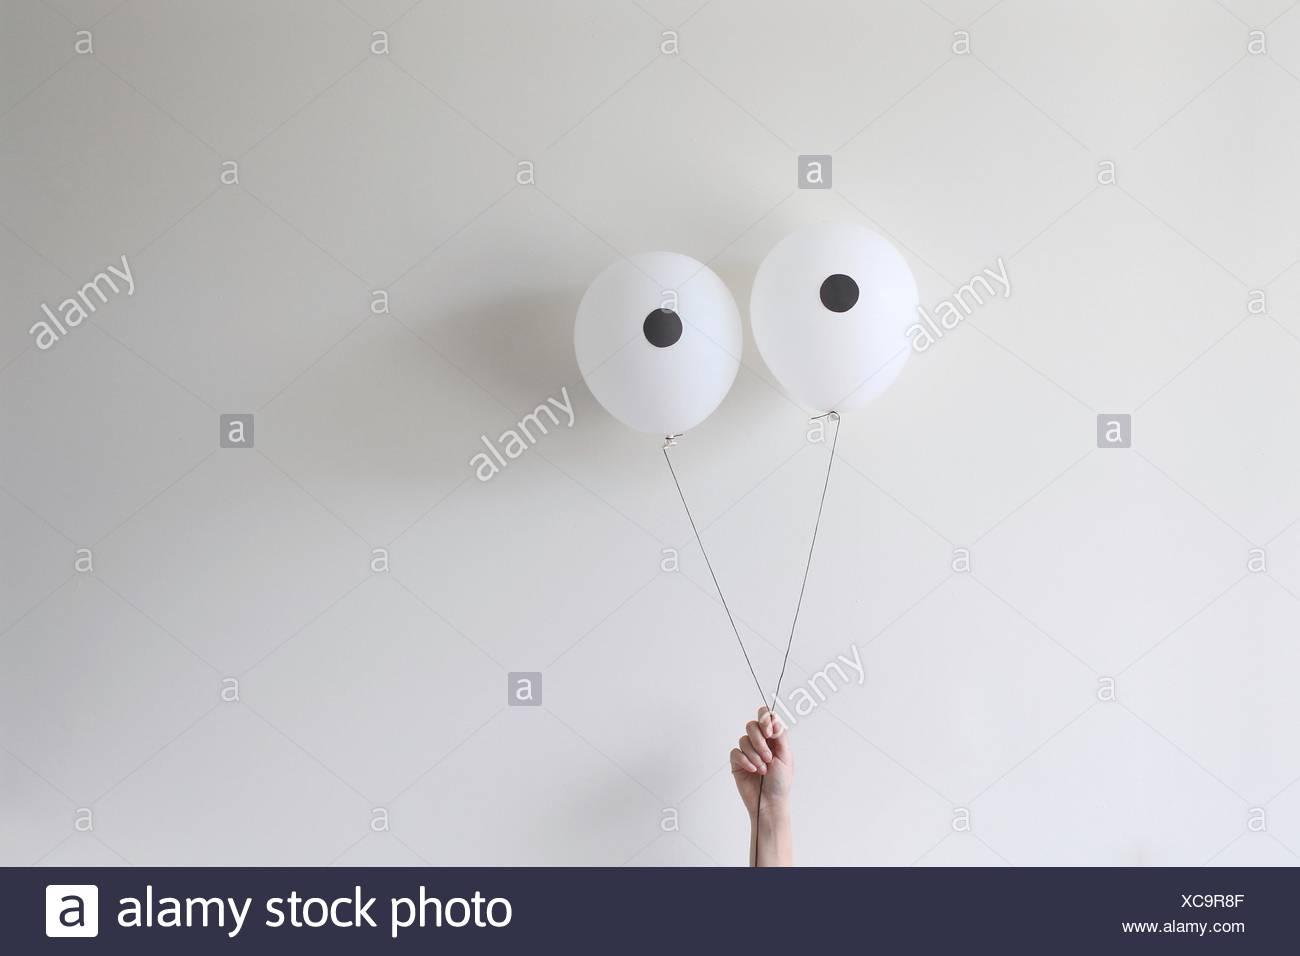 Une main tenant une paire de ballons qui ressemblent à des yeux Photo Stock